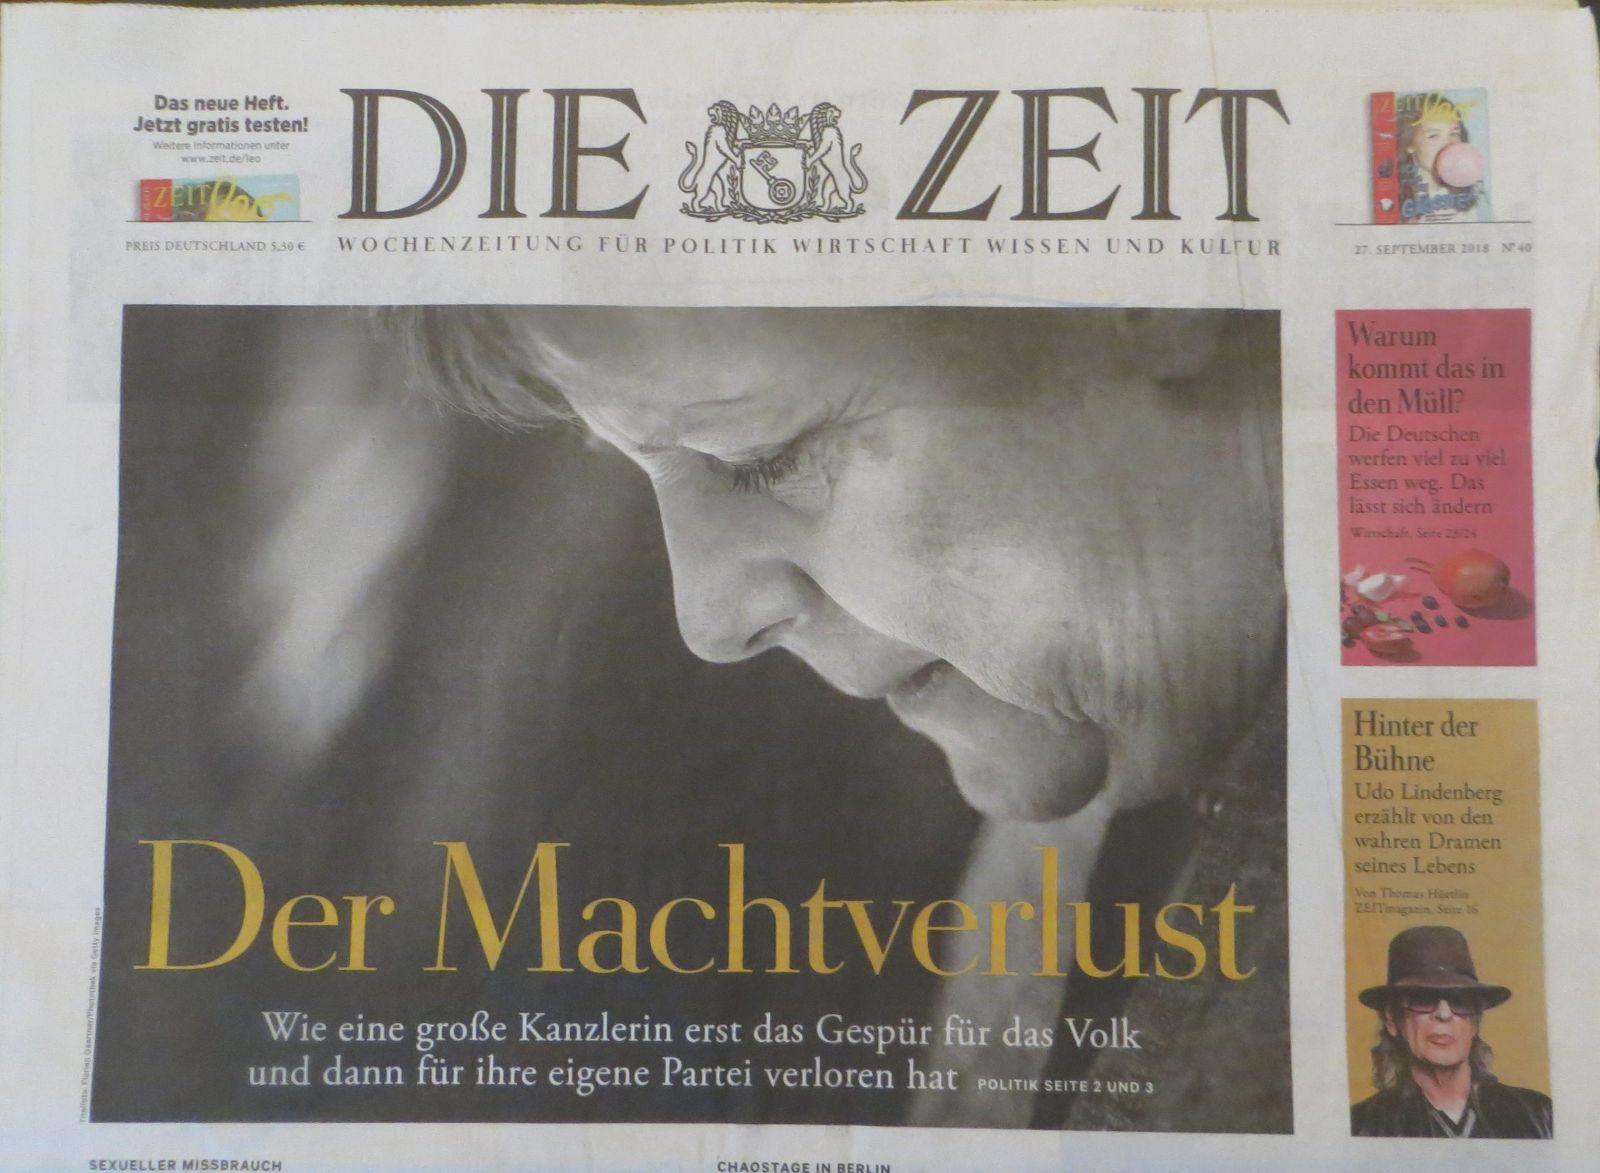 CDU PUR die deutsche Öffentlichkeit wird schlecht geführt - featured image